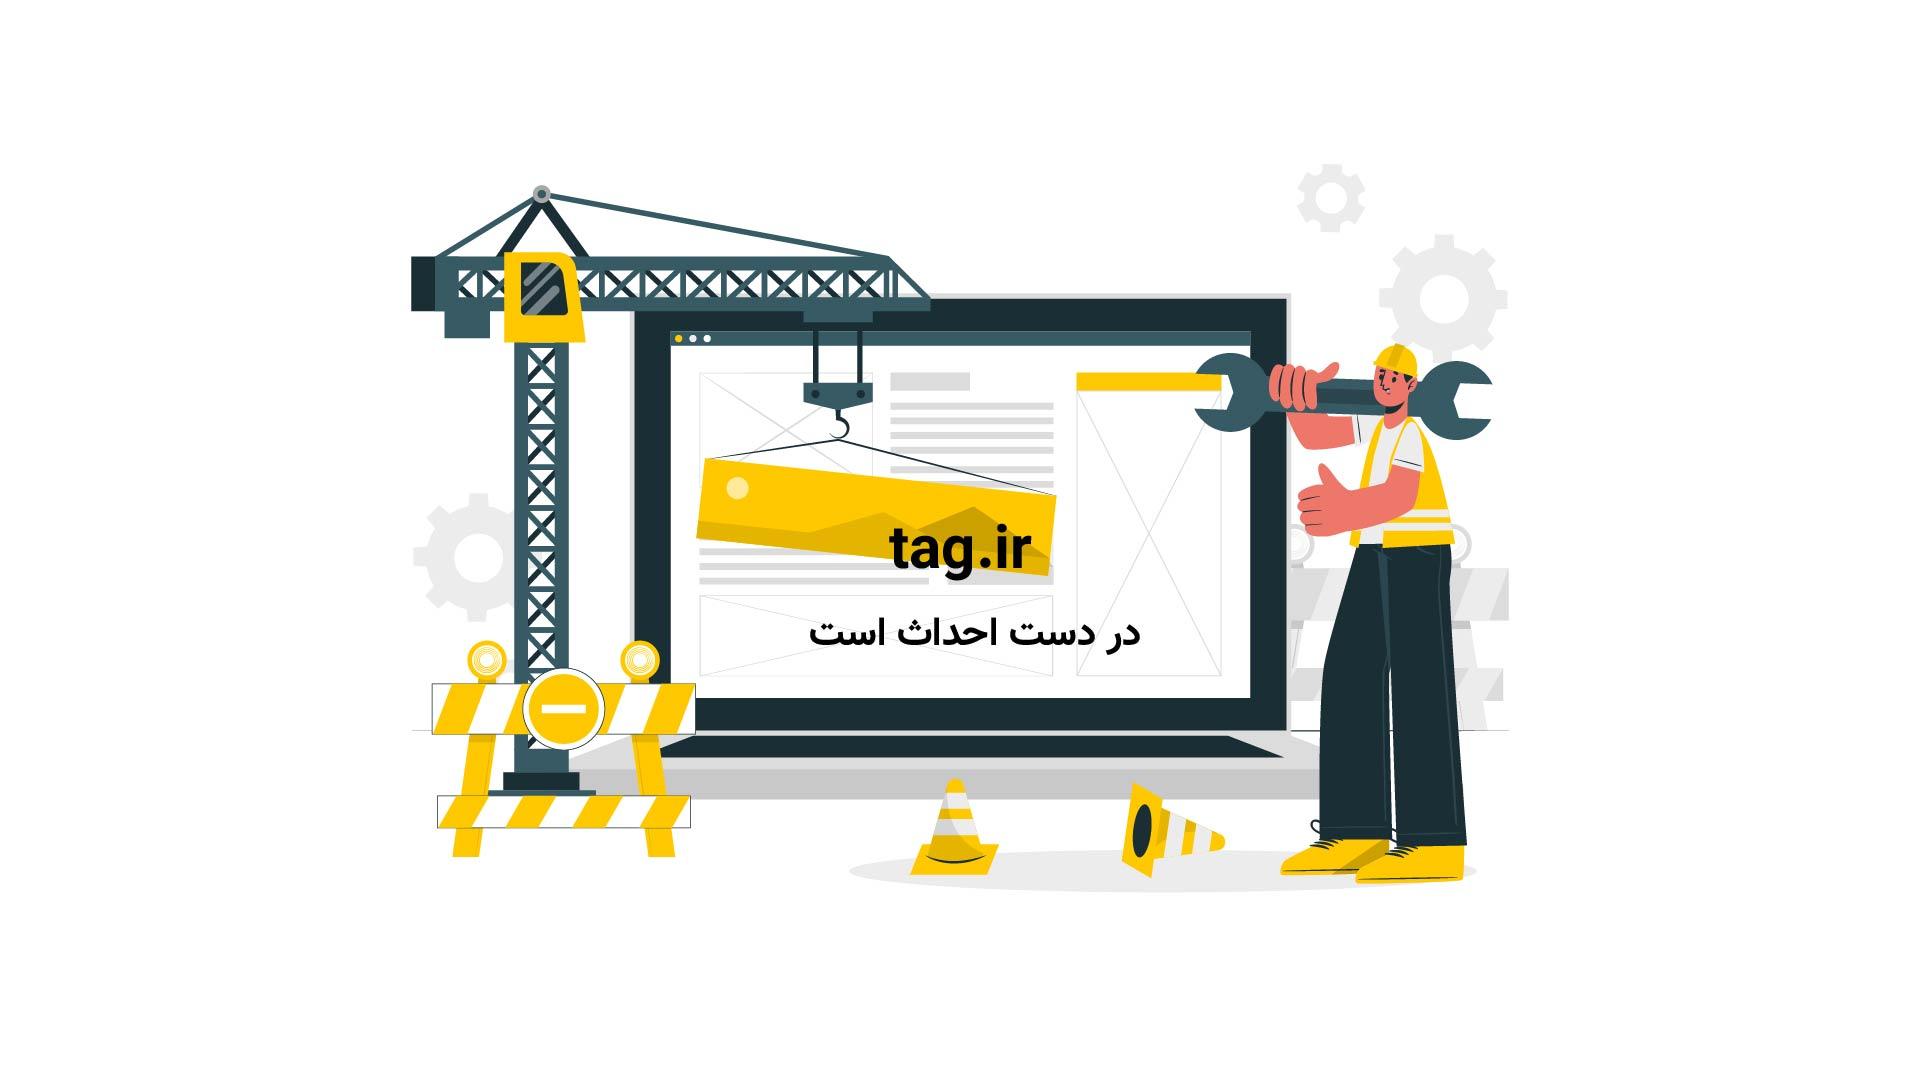 بر افراشته شدن پرچم ايران و هما از داخل كاكپيت | فیلم